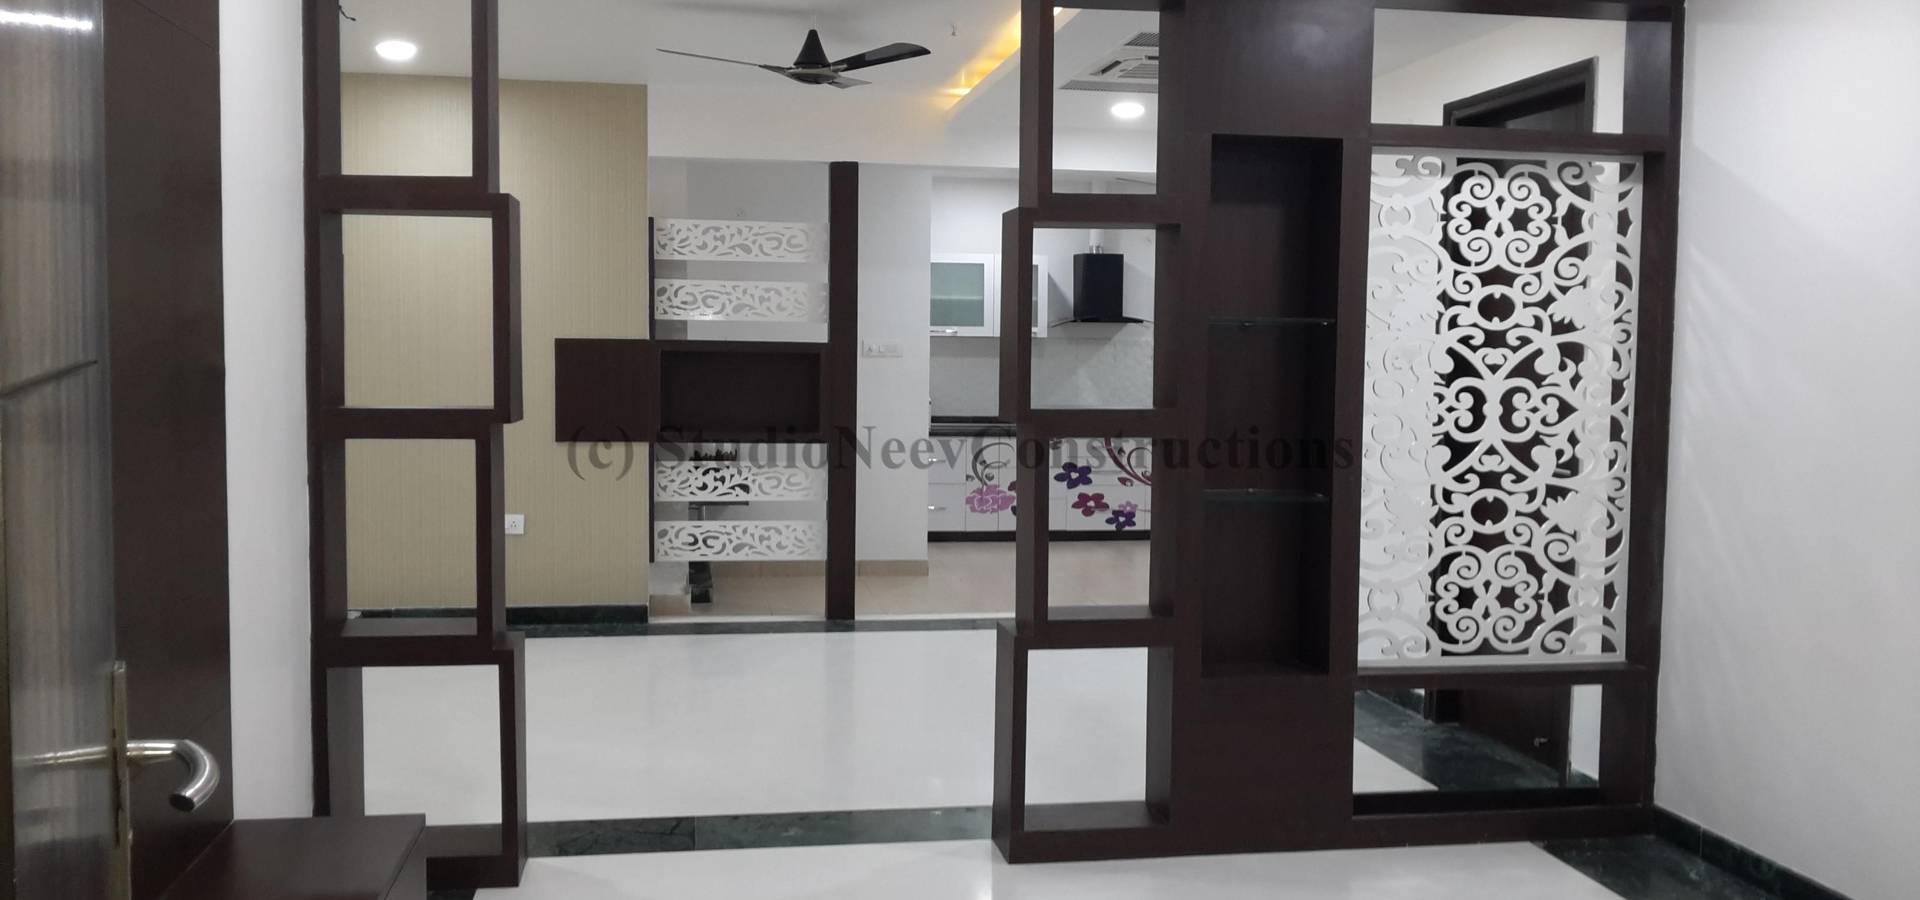 Studio Neev Interiors & Architects